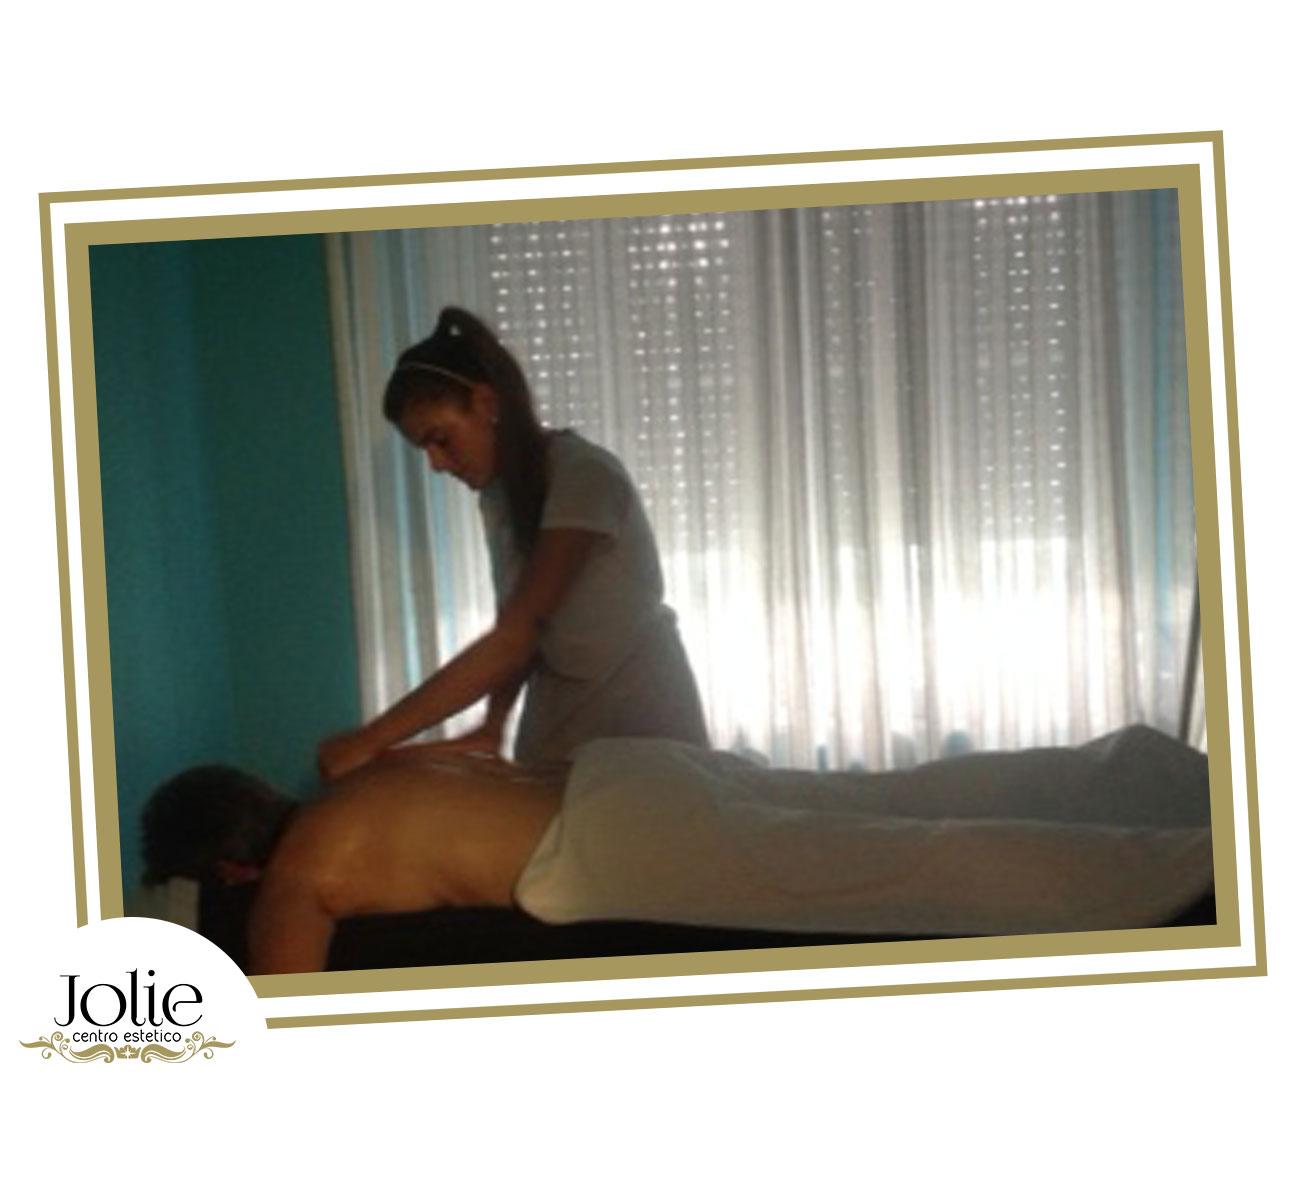 Massaggi-gazzaniga-centro-estetico